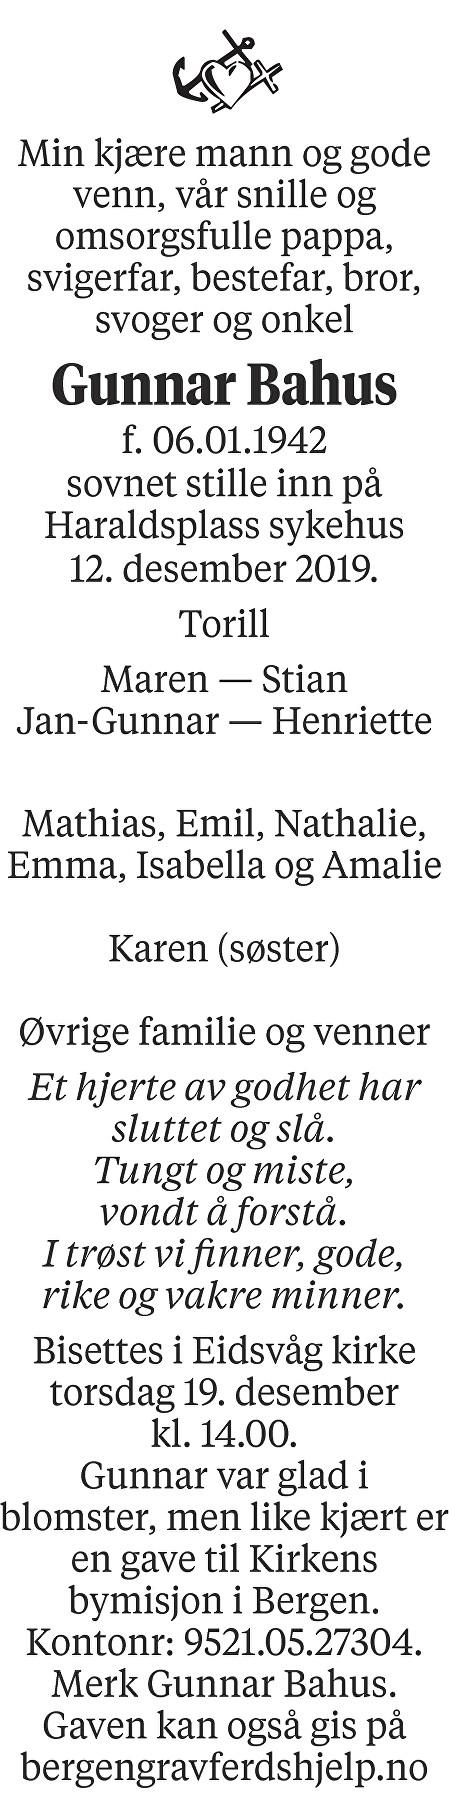 Gunnar  Bahus Dødsannonse